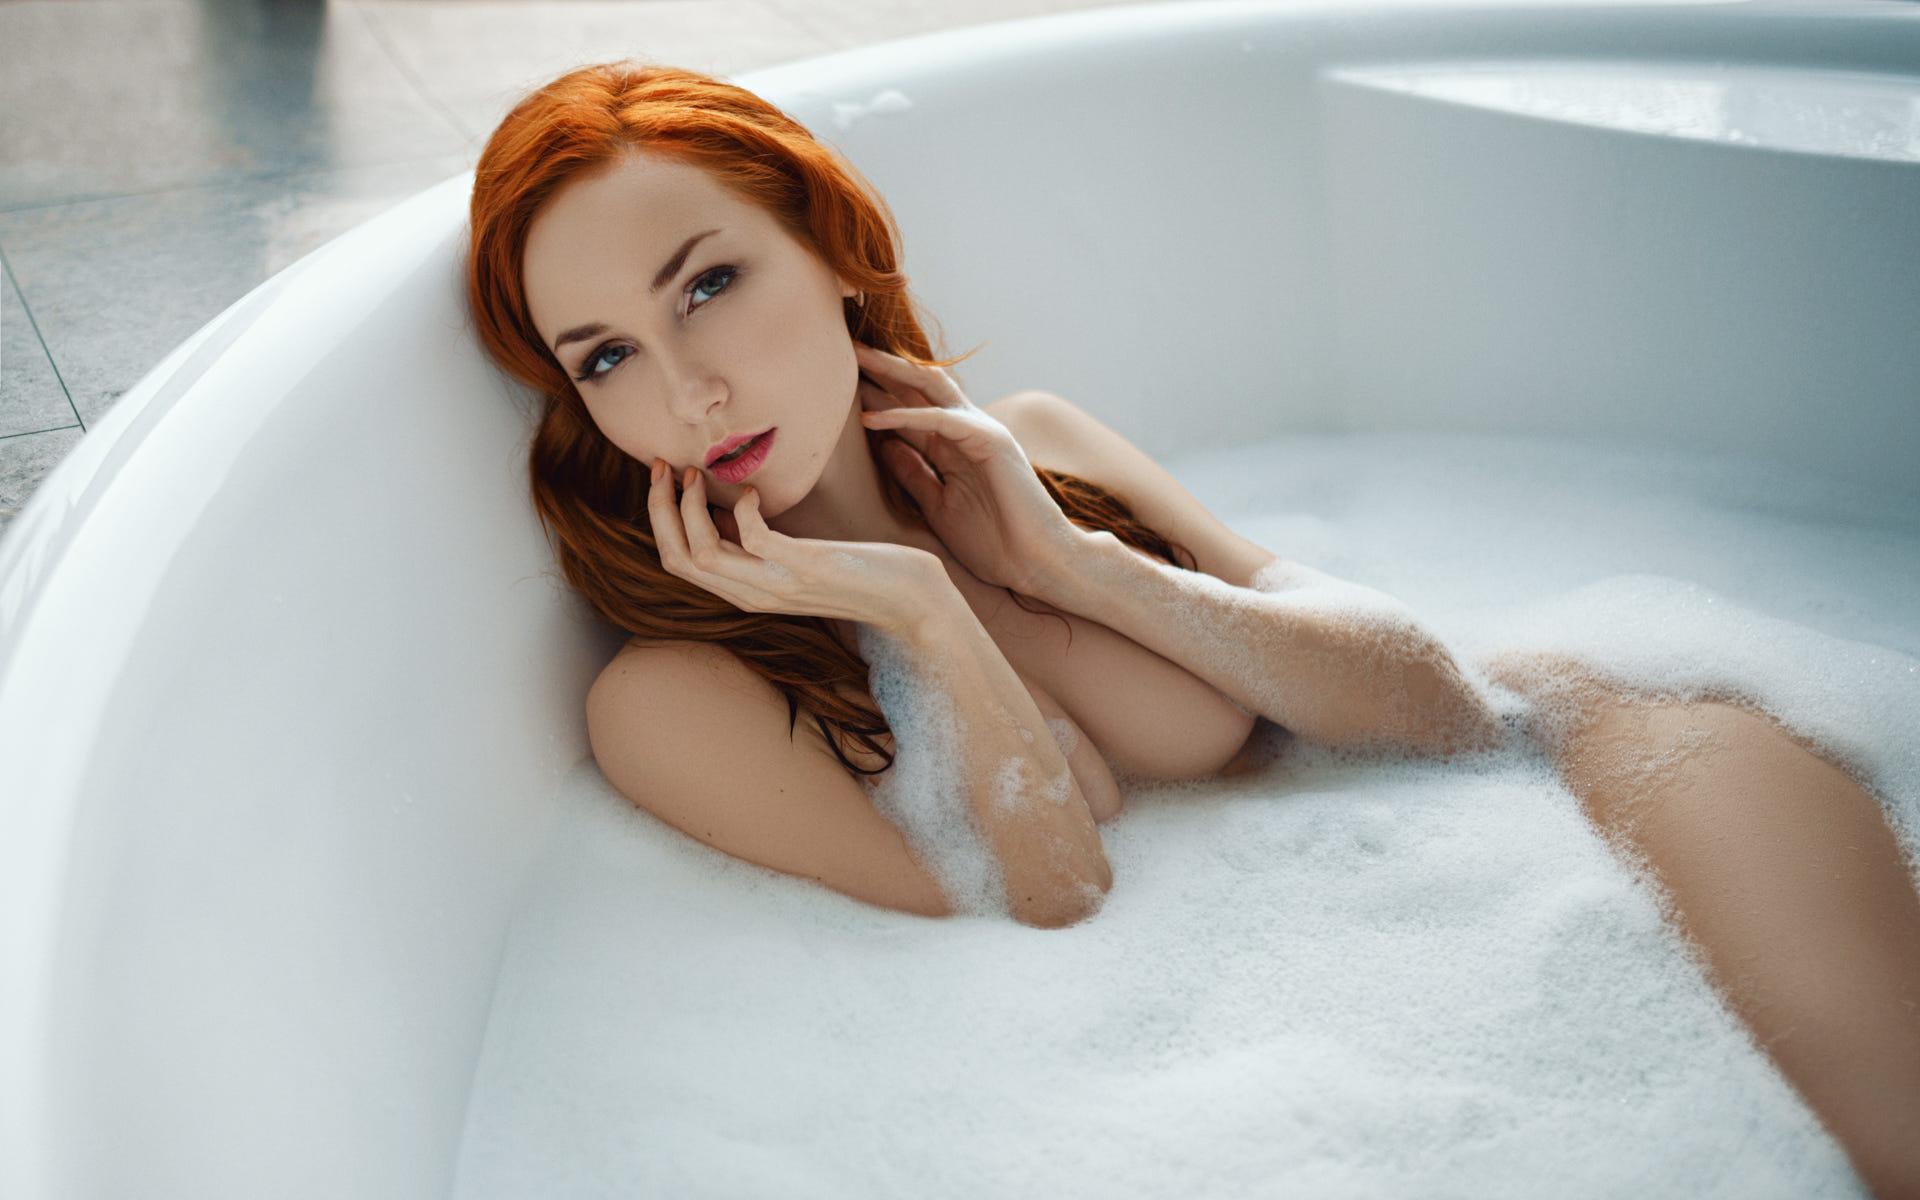 Anna Boevaya